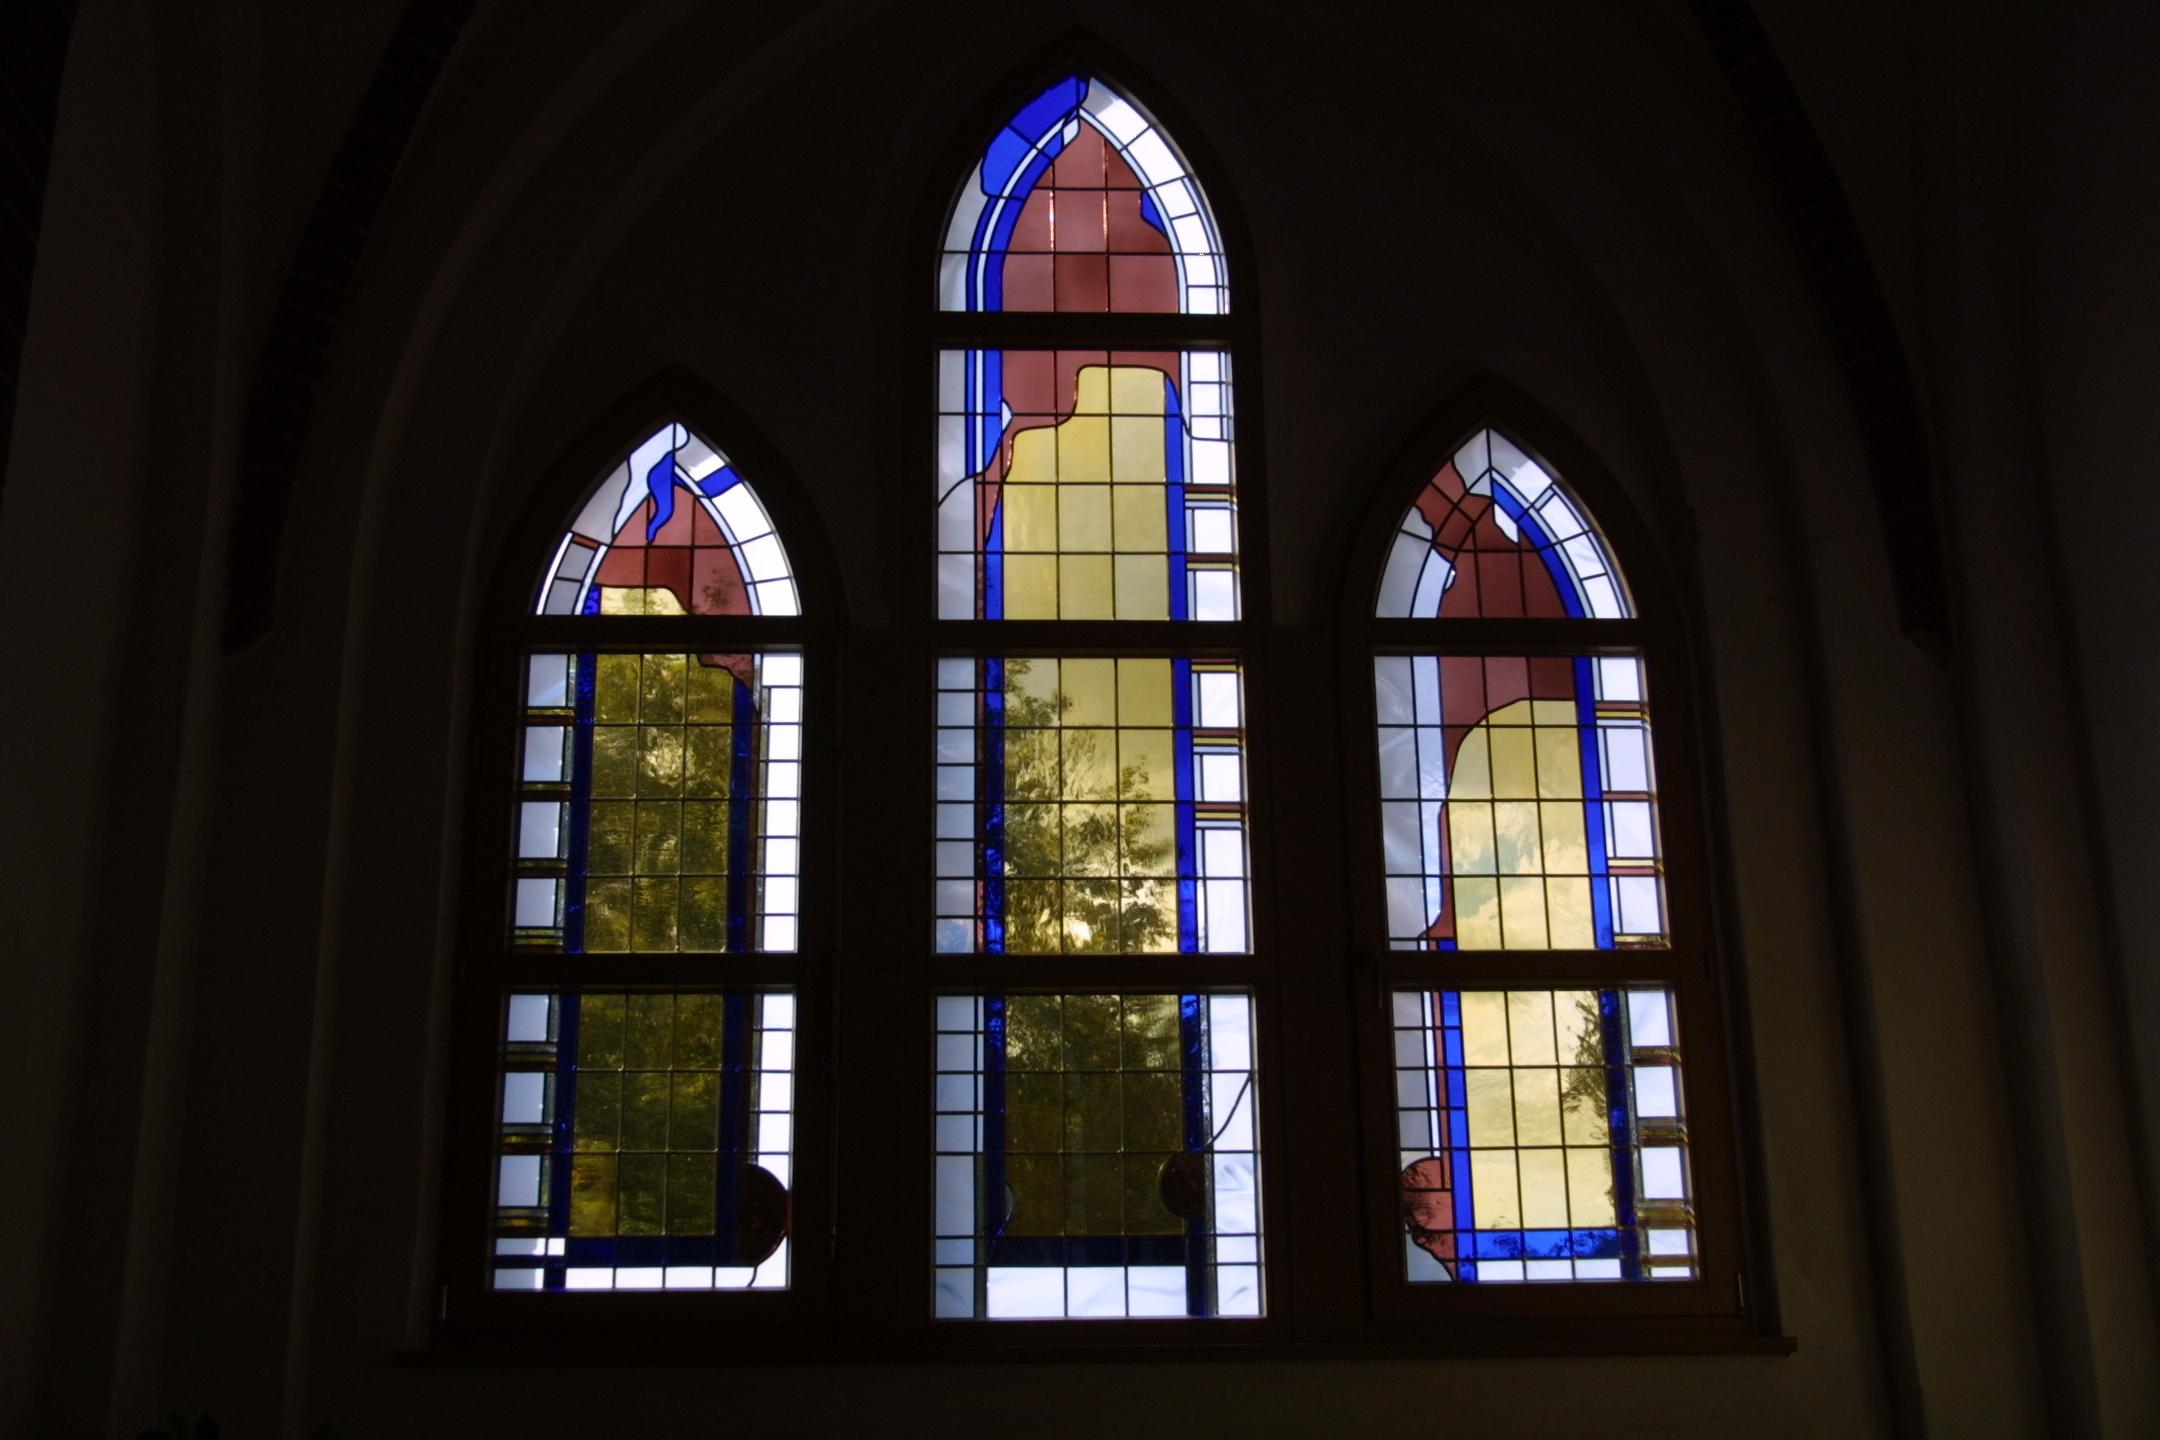 Moderne Bleiverglasung und Glasmalerei der Fenster der Friedhofskapelle Wittenberg - Innenansicht.